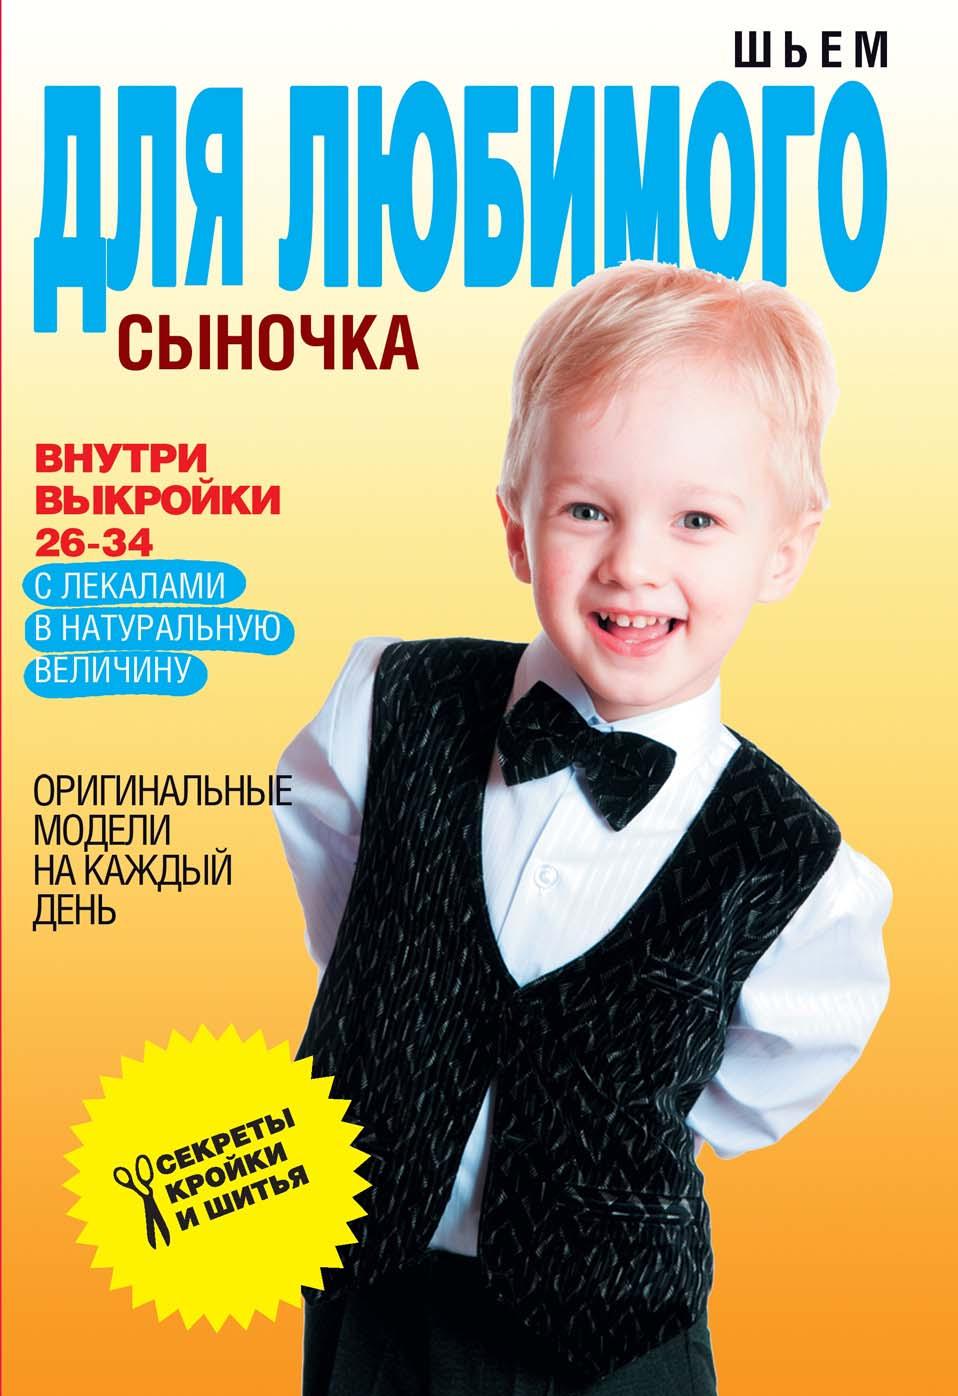 Светлана Ермакова Шьем для любимого сыночка. Оригинальные модели на каждый день светлана ермакова шьем юбки оригинальные модели на каждый день